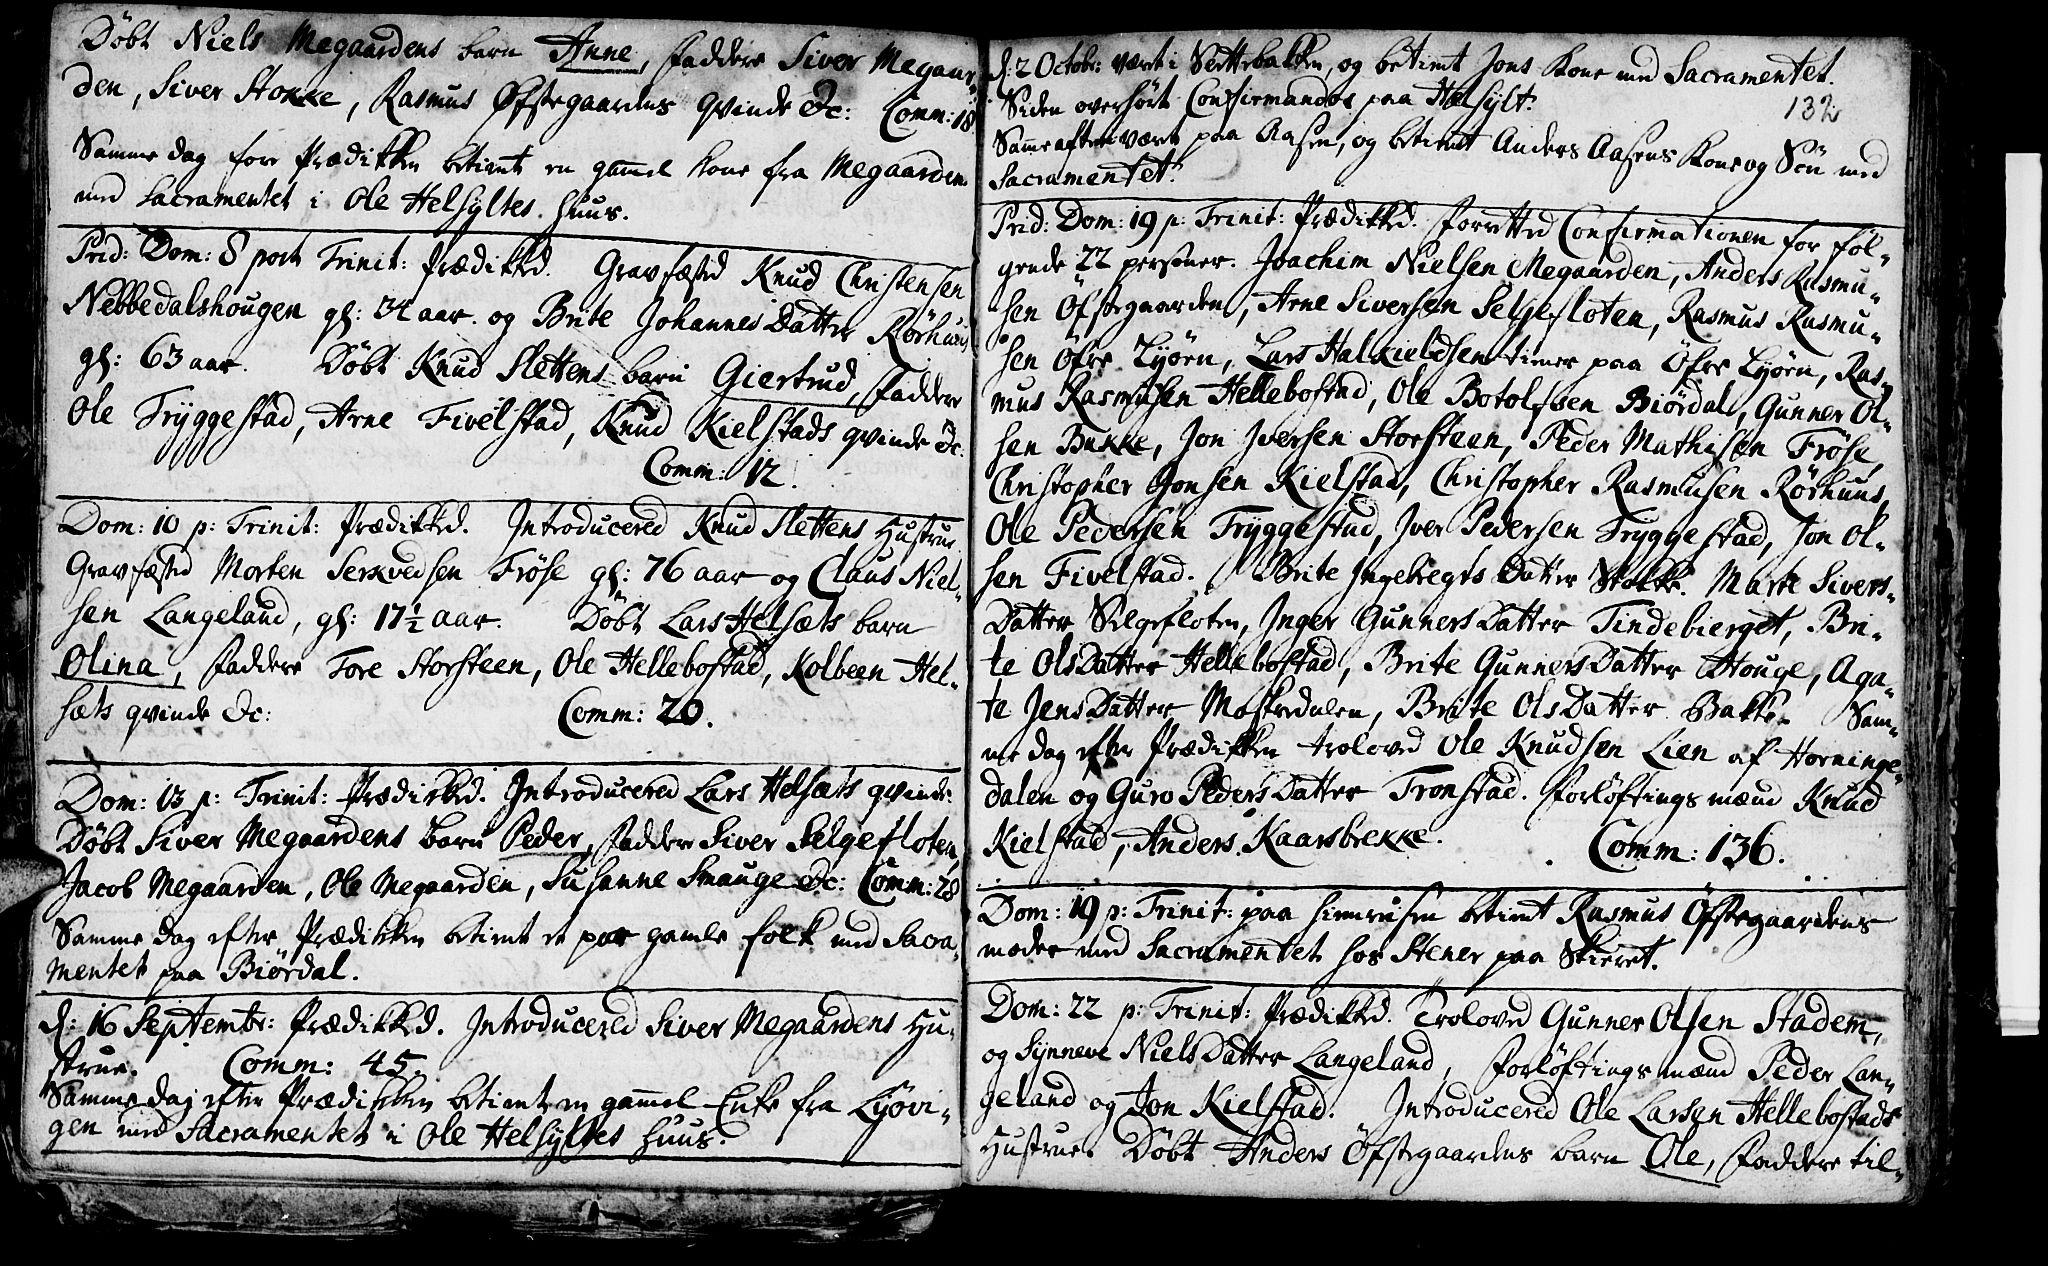 SAT, Ministerialprotokoller, klokkerbøker og fødselsregistre - Møre og Romsdal, 519/L0241: Ministerialbok nr. 519A01 /2, 1736-1760, s. 132